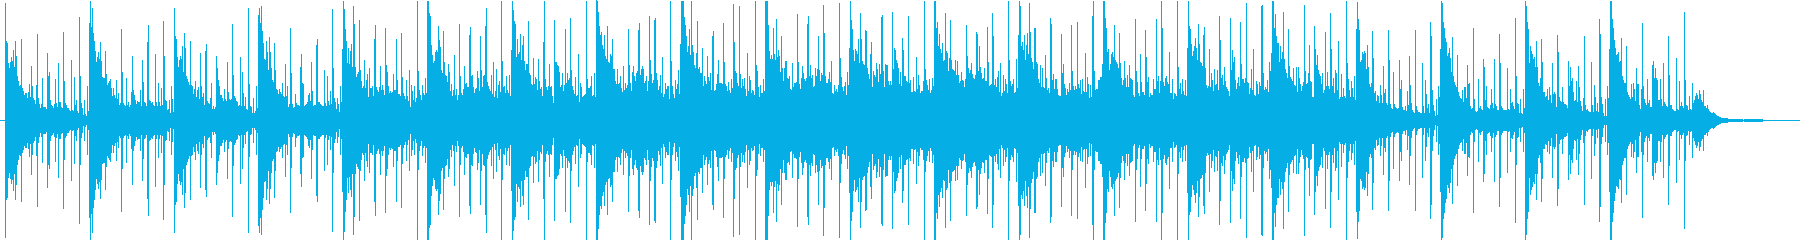 ヨガなどに合うゆるやかなアンビエントの再生済みの波形